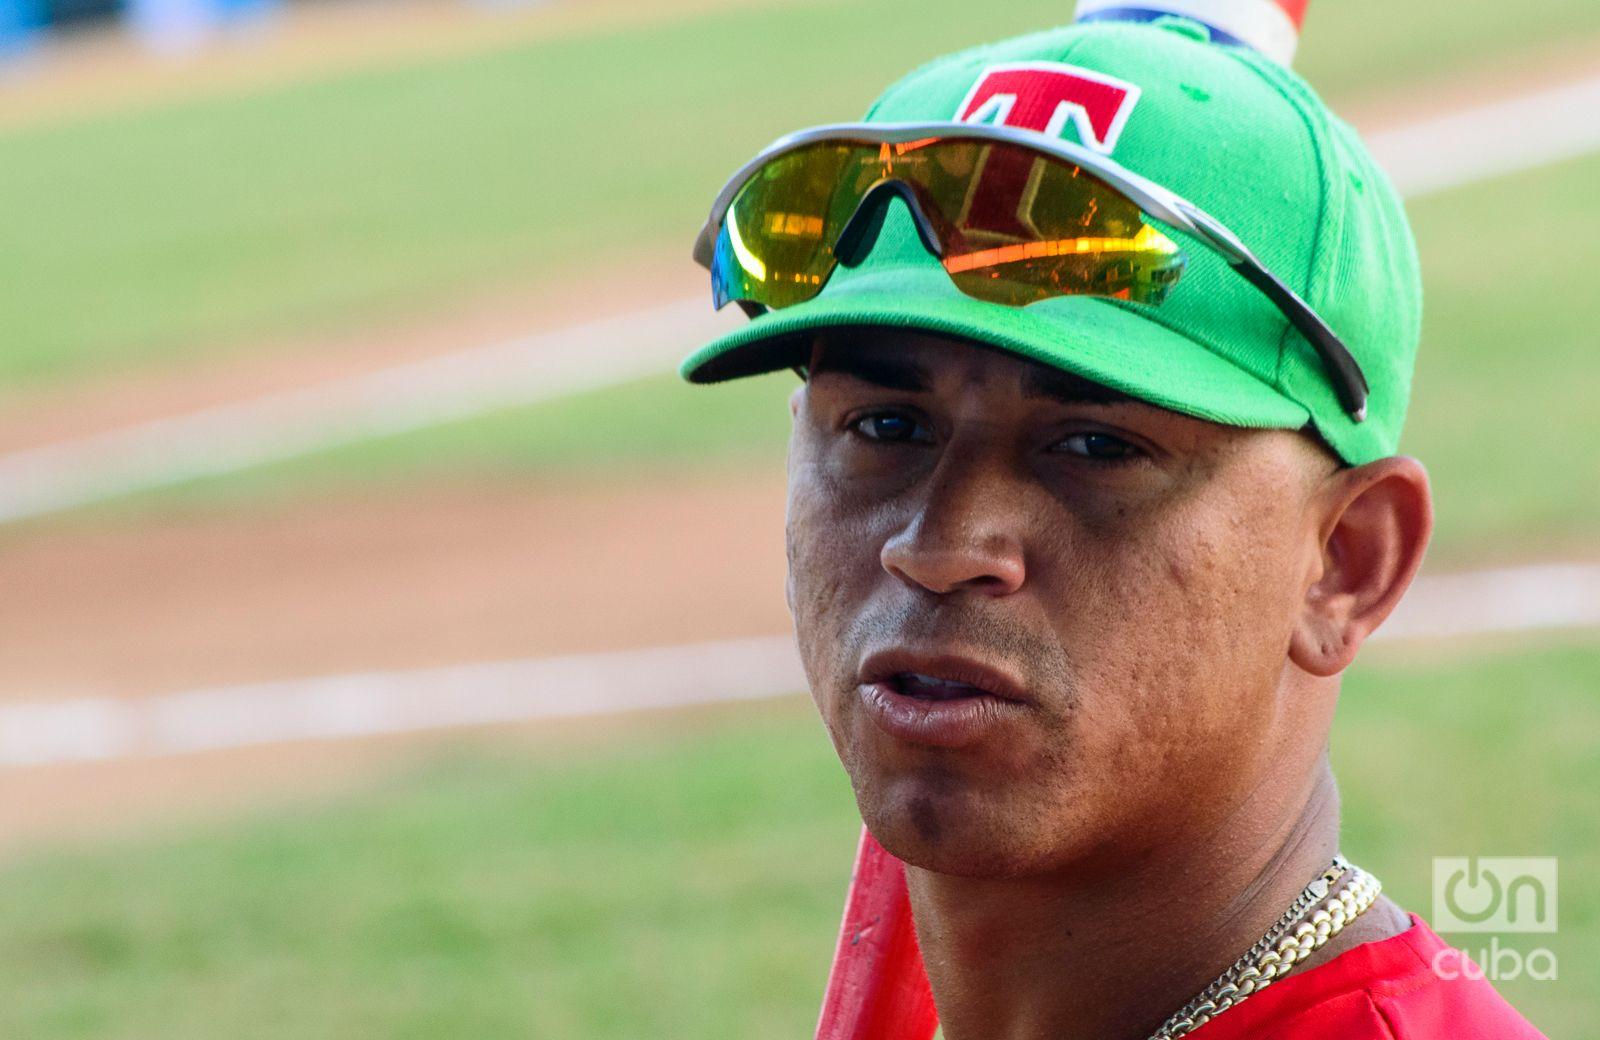 Alomá, pelotero de la capital que jugó por los Leñadores de Las Tunas. Foto: Otmaro Rodríguez